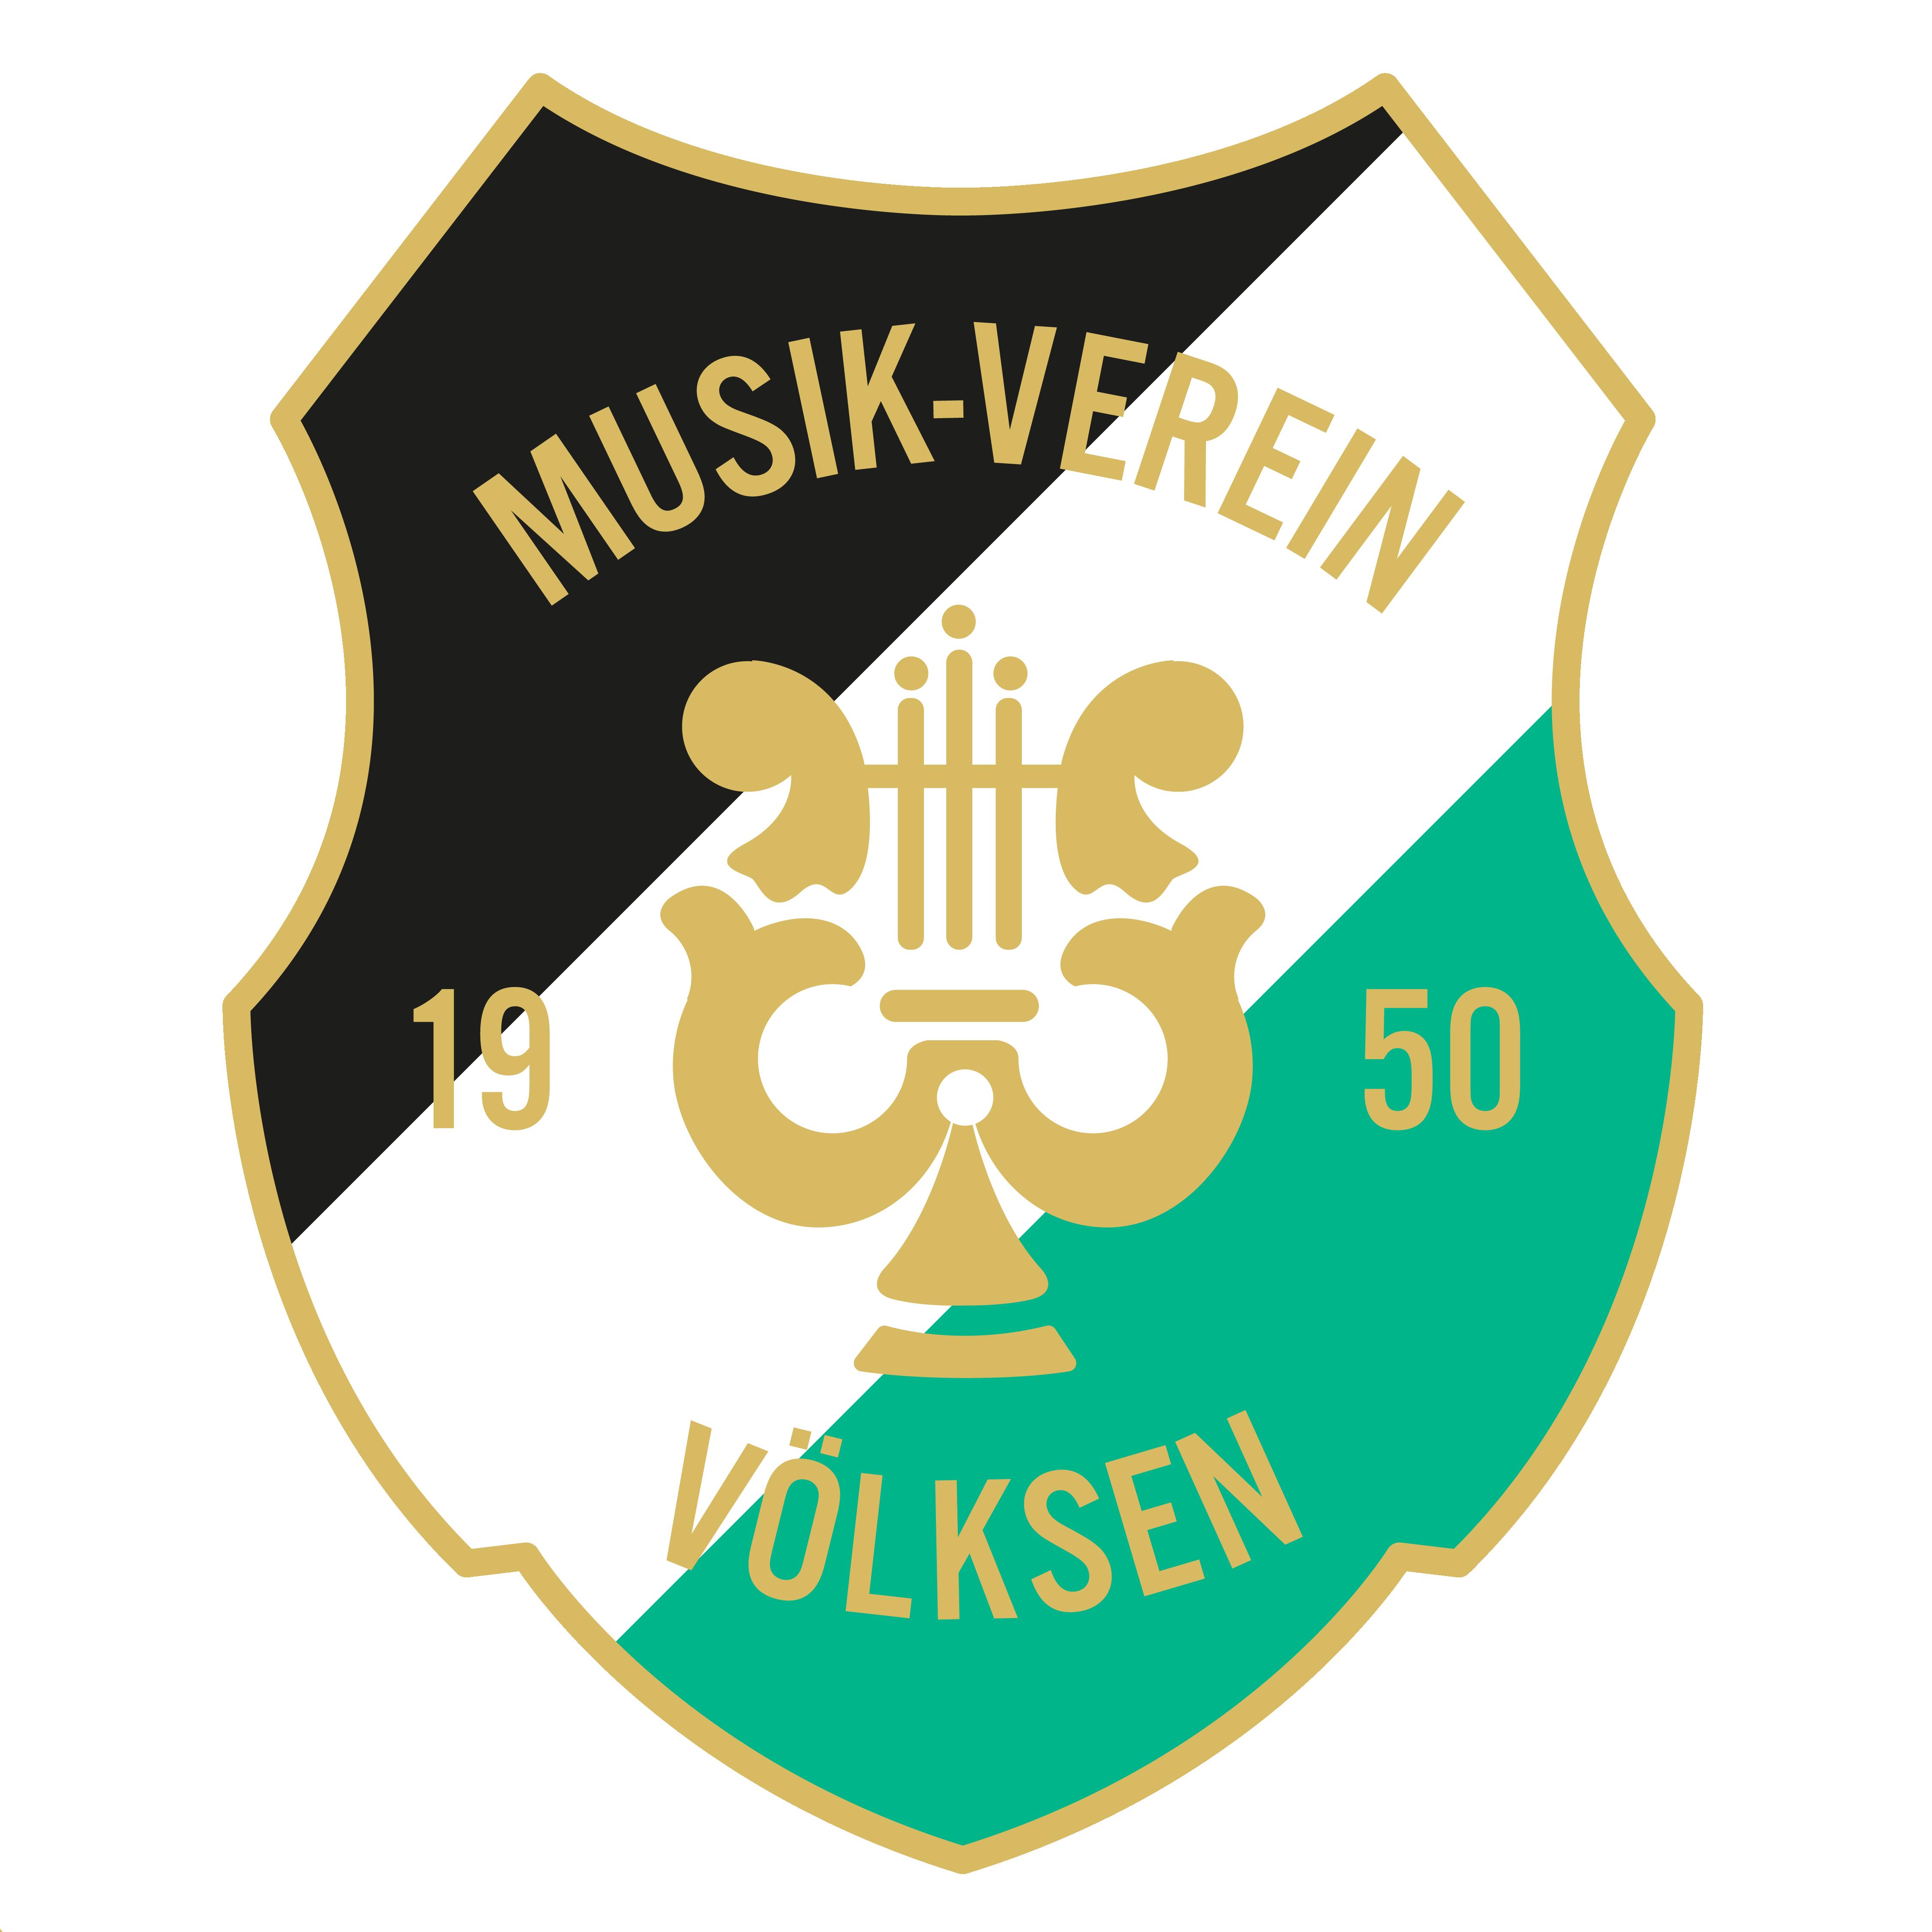 Musikverein Völksen e.V.